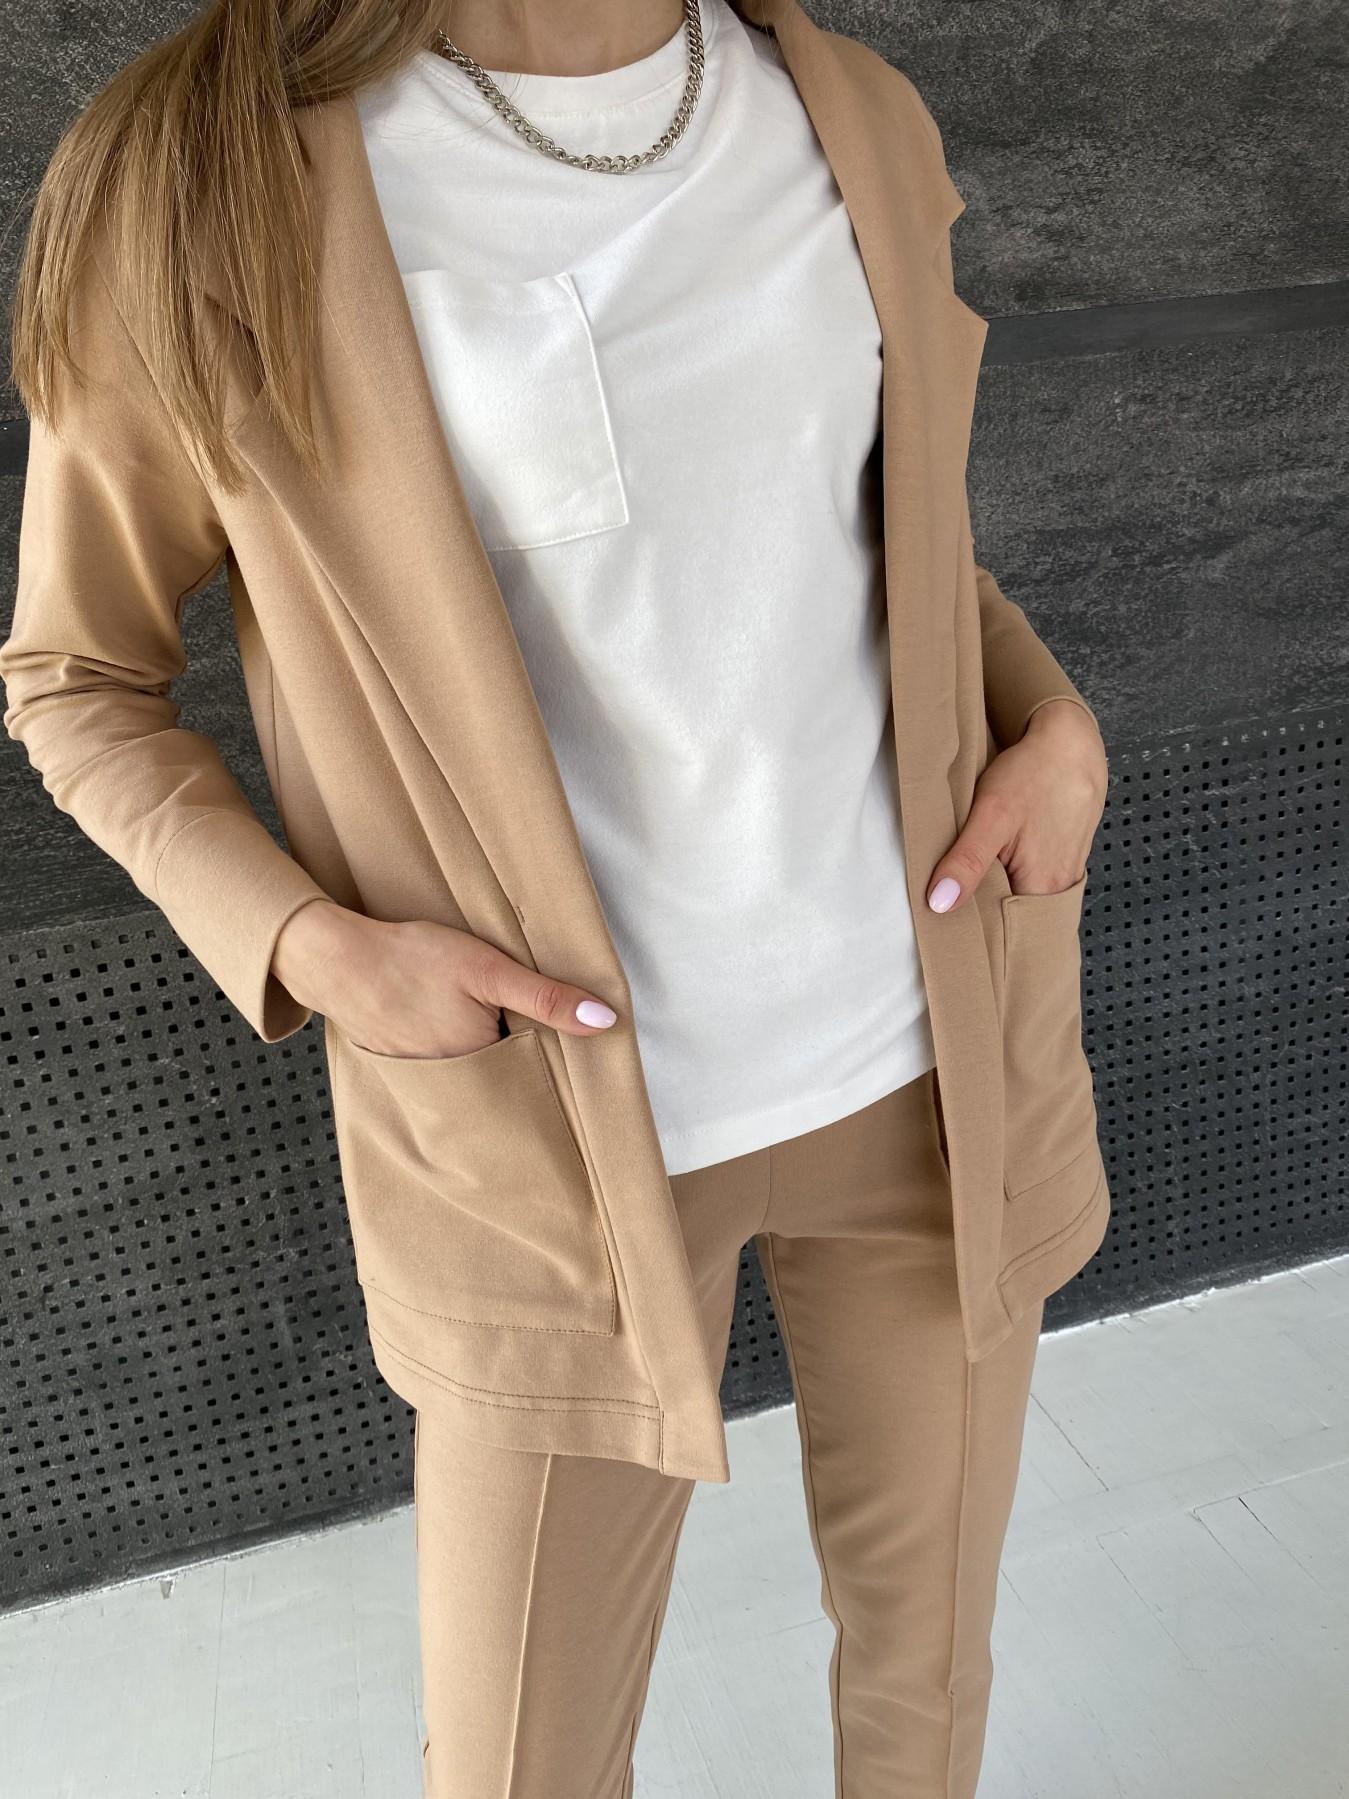 Аурис костюм трикотажный из  3х нитки 11083 АРТ. 47657 Цвет: Кемел - фото 4, интернет магазин tm-modus.ru